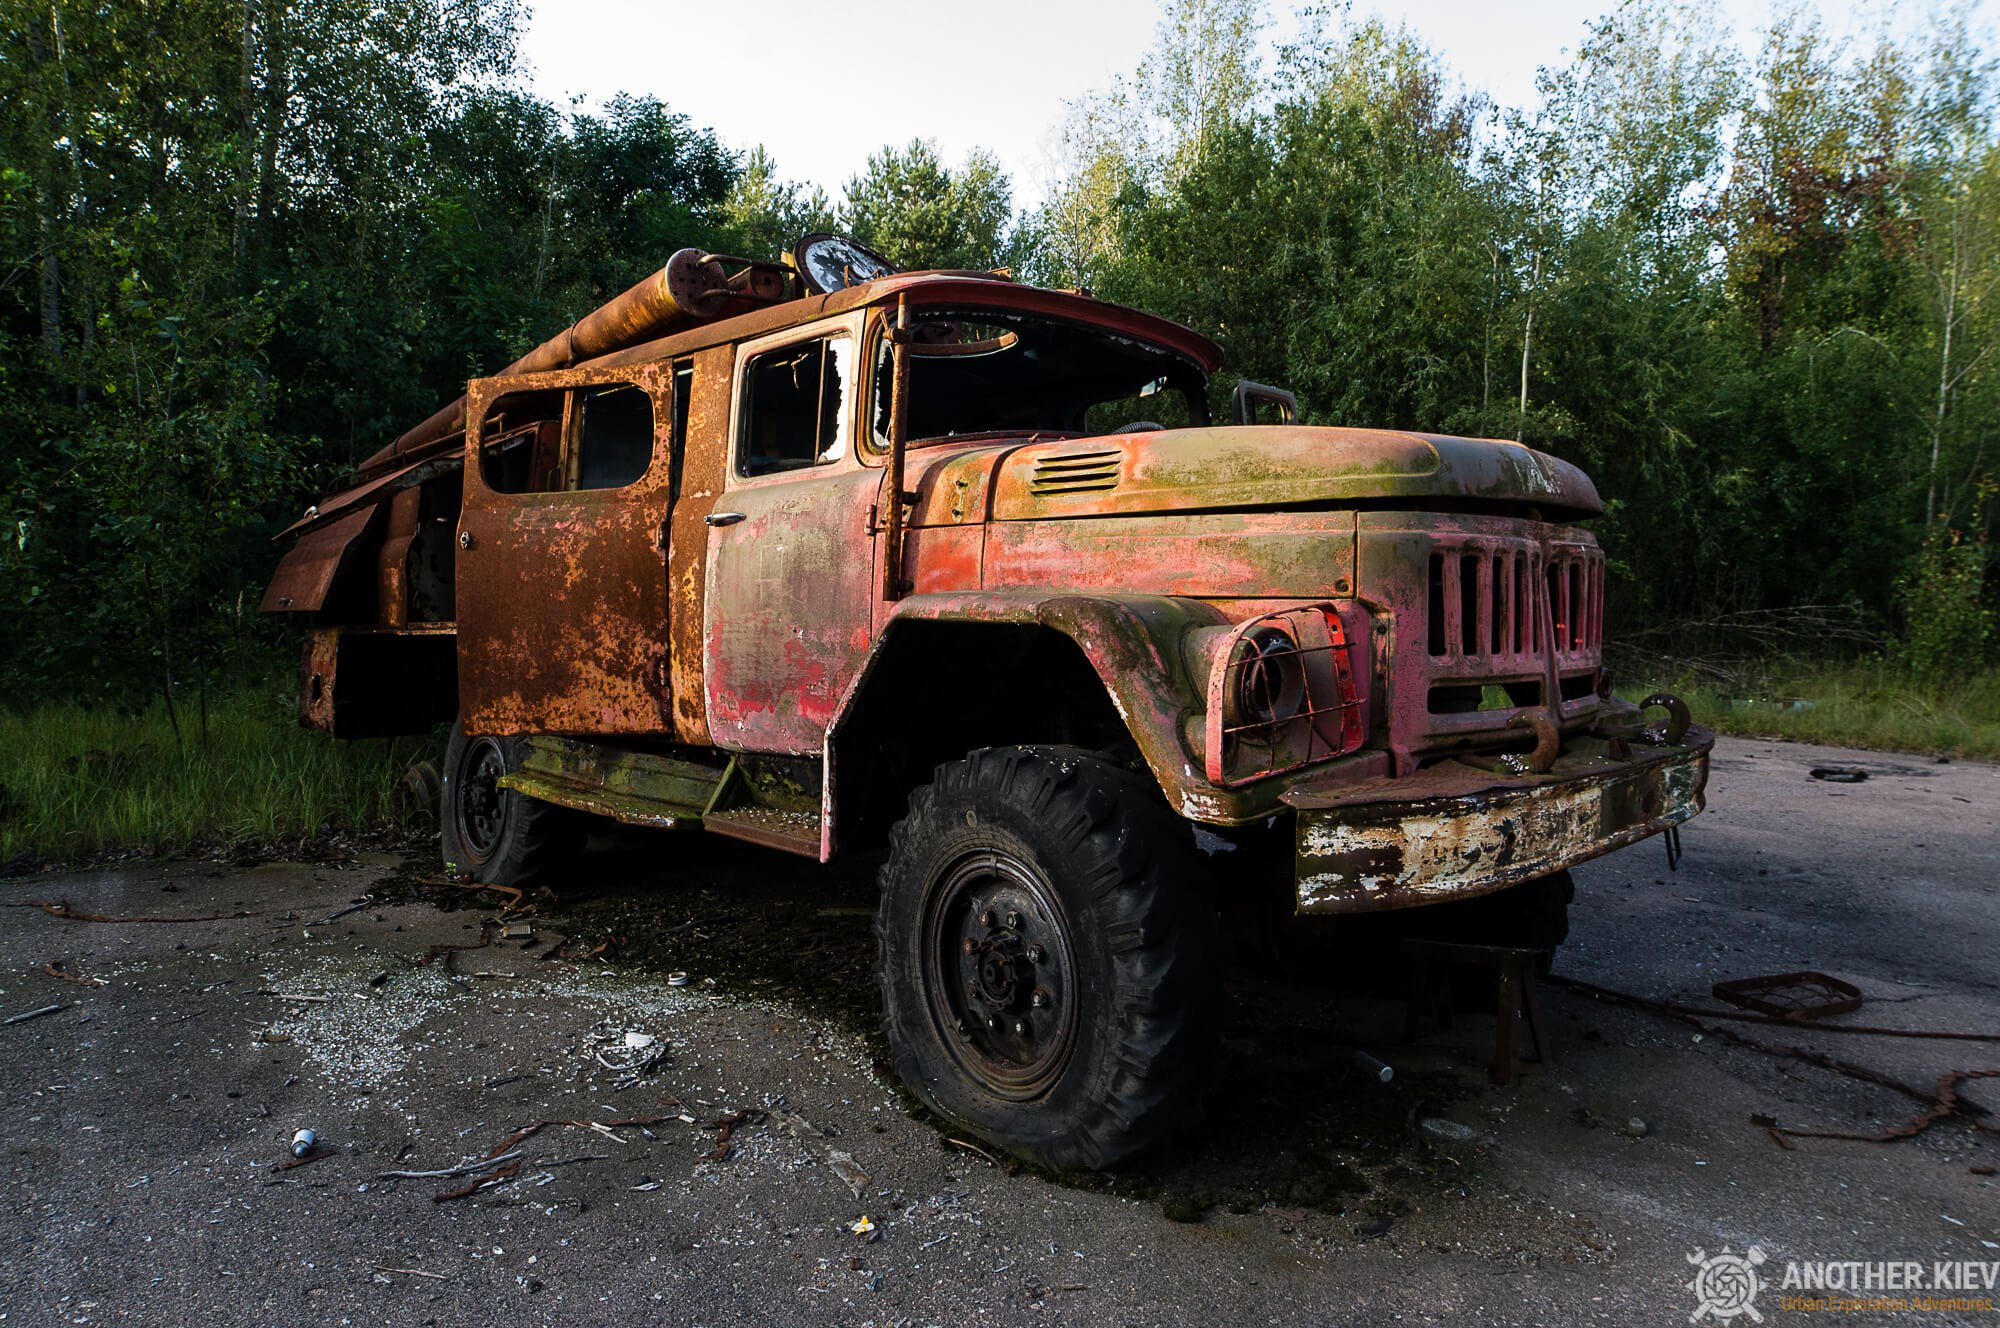 stalker-tour_IGP5997 CHERNOBYL EXPLORATION TOUR